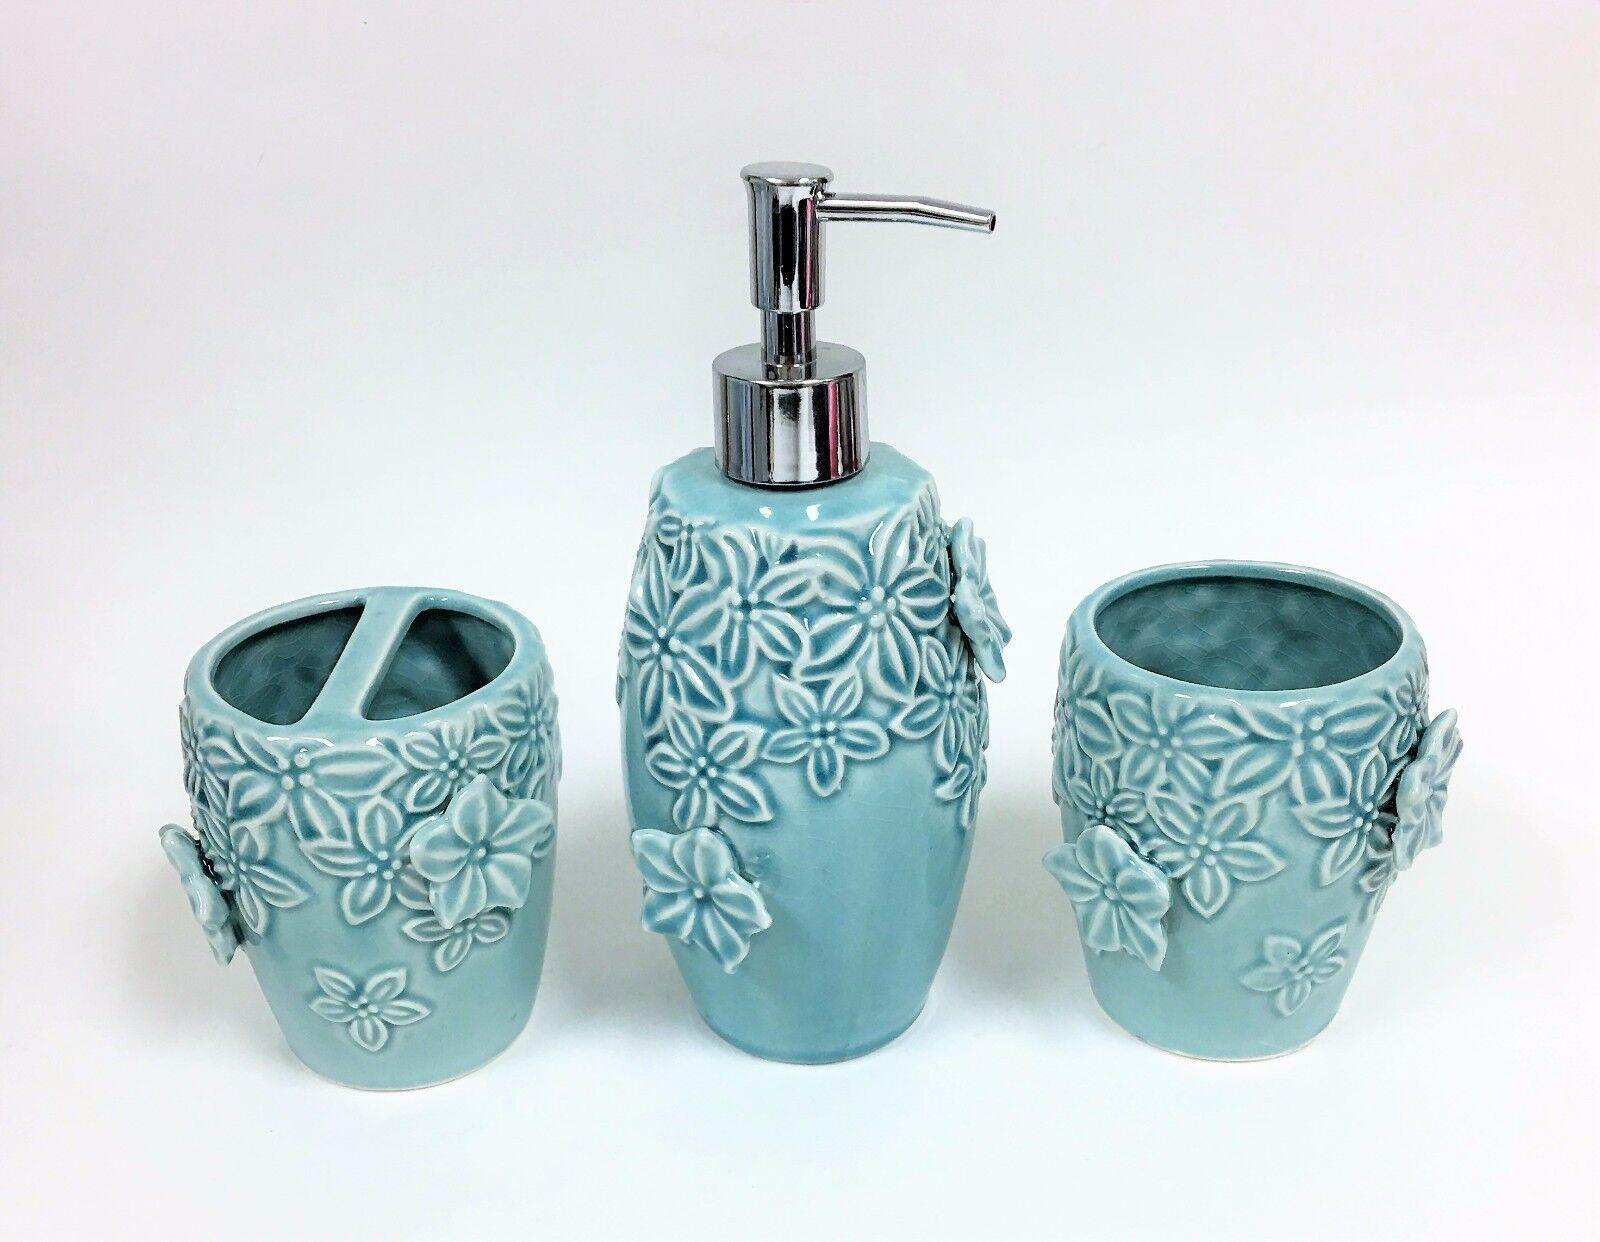 3 Piezas Juego Style Sanctuary Azul Turquesa Cerámica, 3D Floral